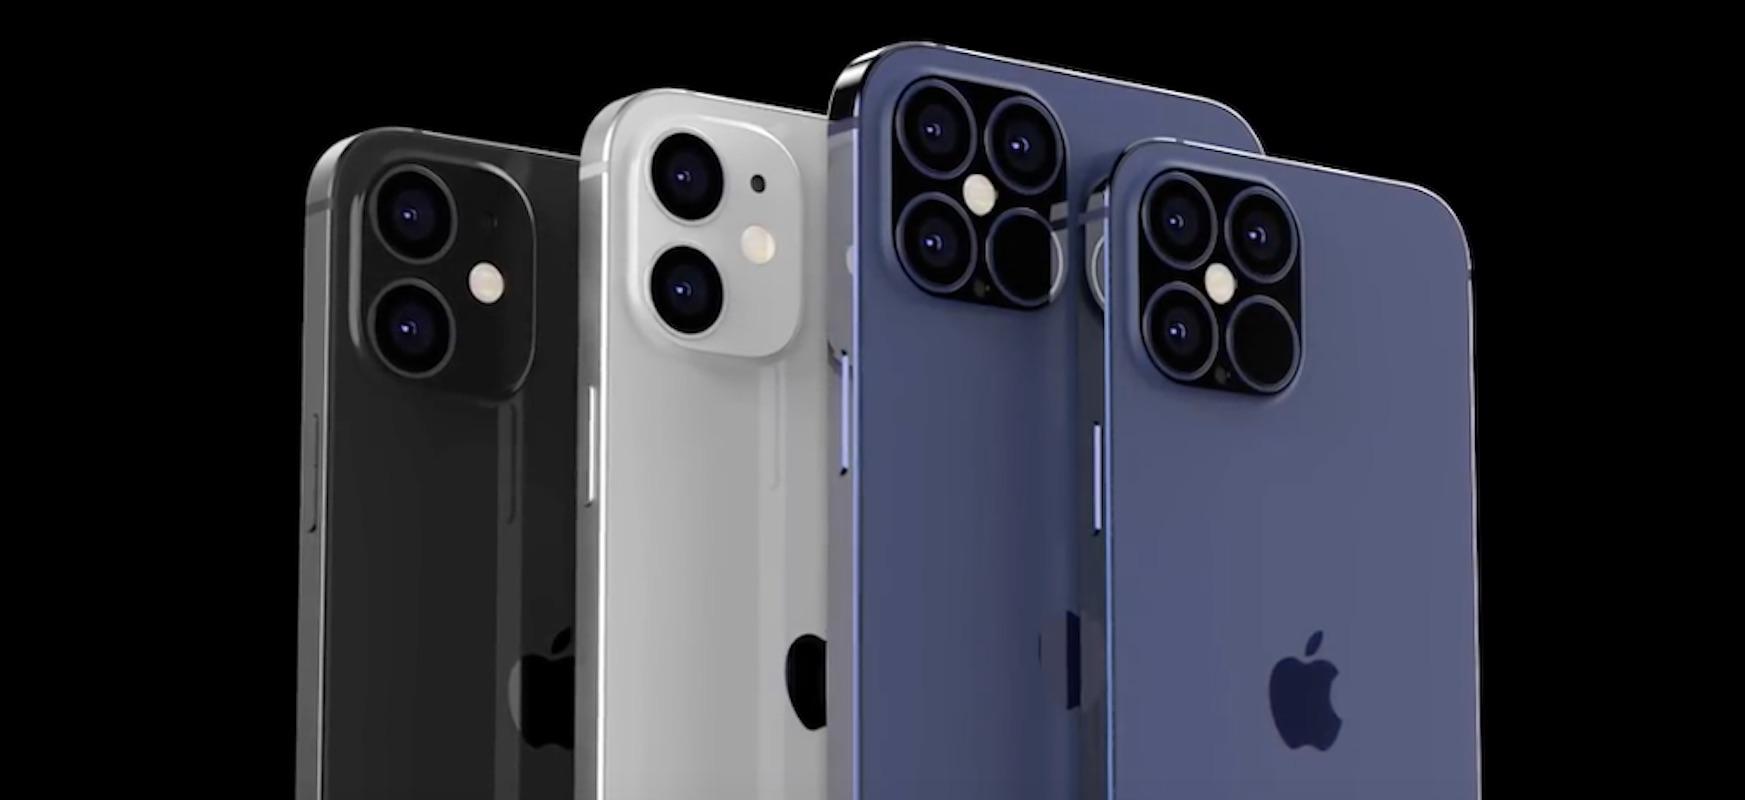 Lau iPhone 12 hiru tamainatan.  IPhone berriaren xehetasun eta prezio ugari filtratu ziren